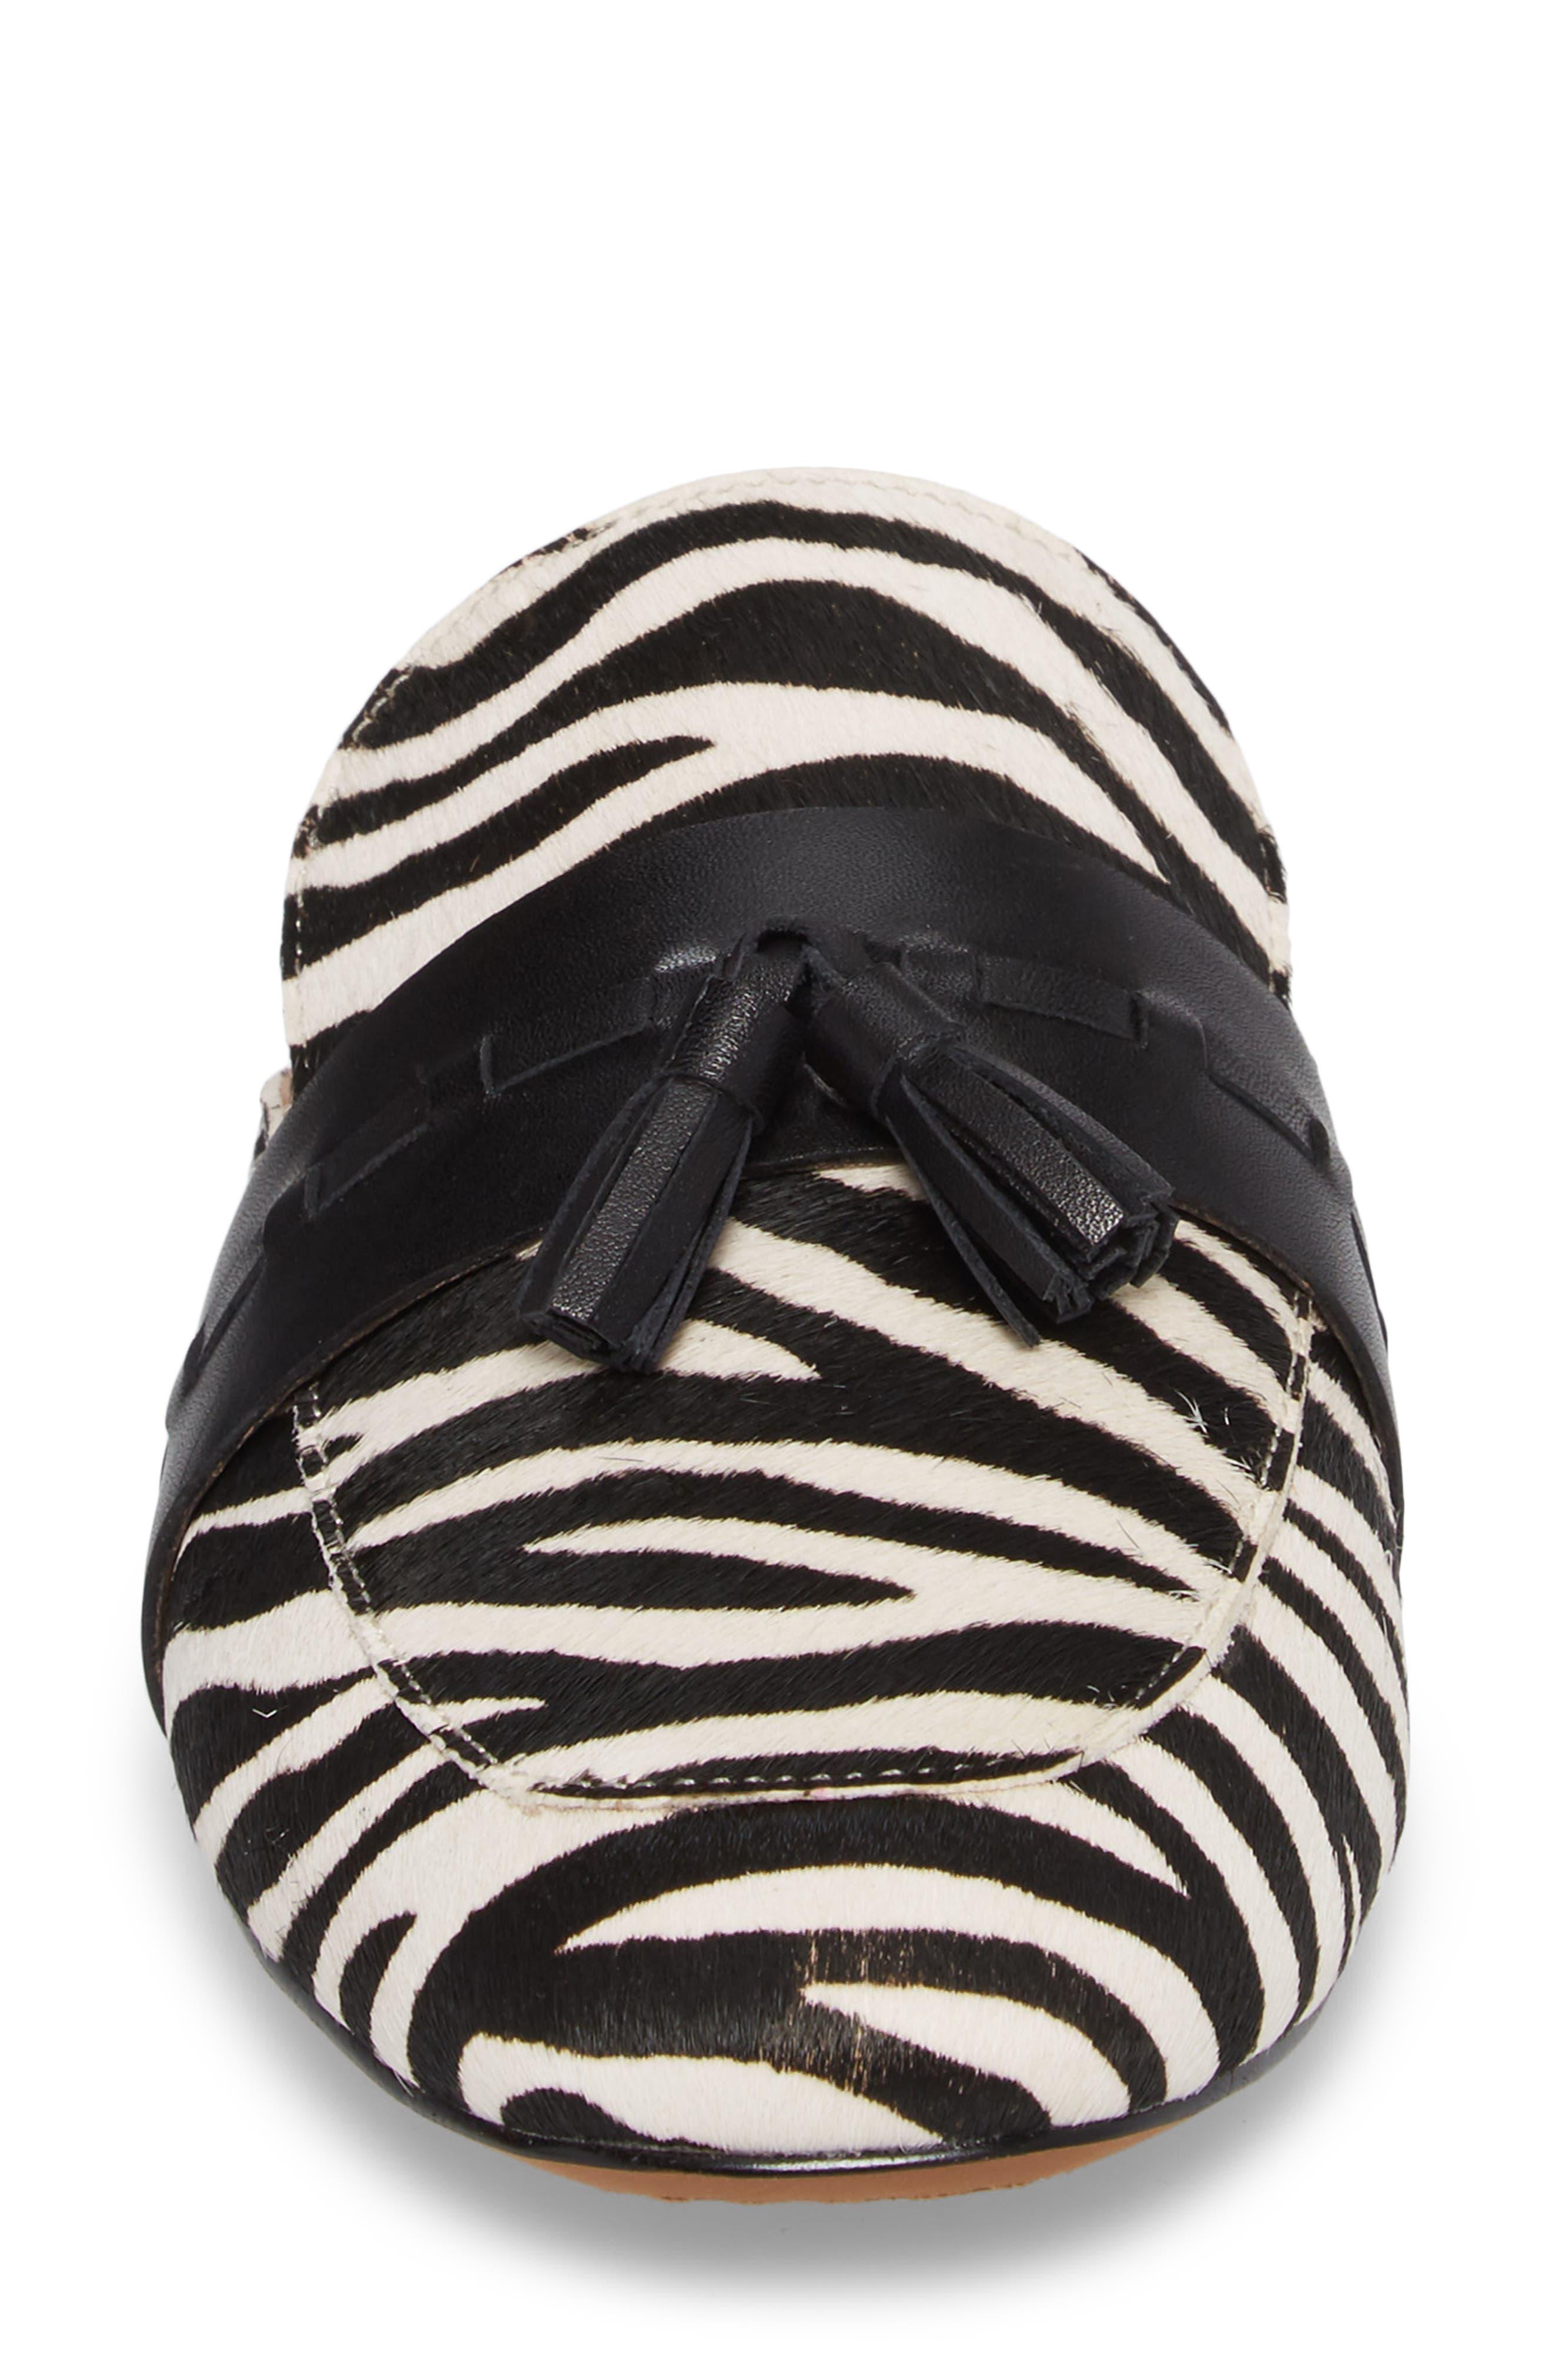 Abbott II Tassel Mule,                             Alternate thumbnail 4, color,                             White/ Black Print Calf Hair